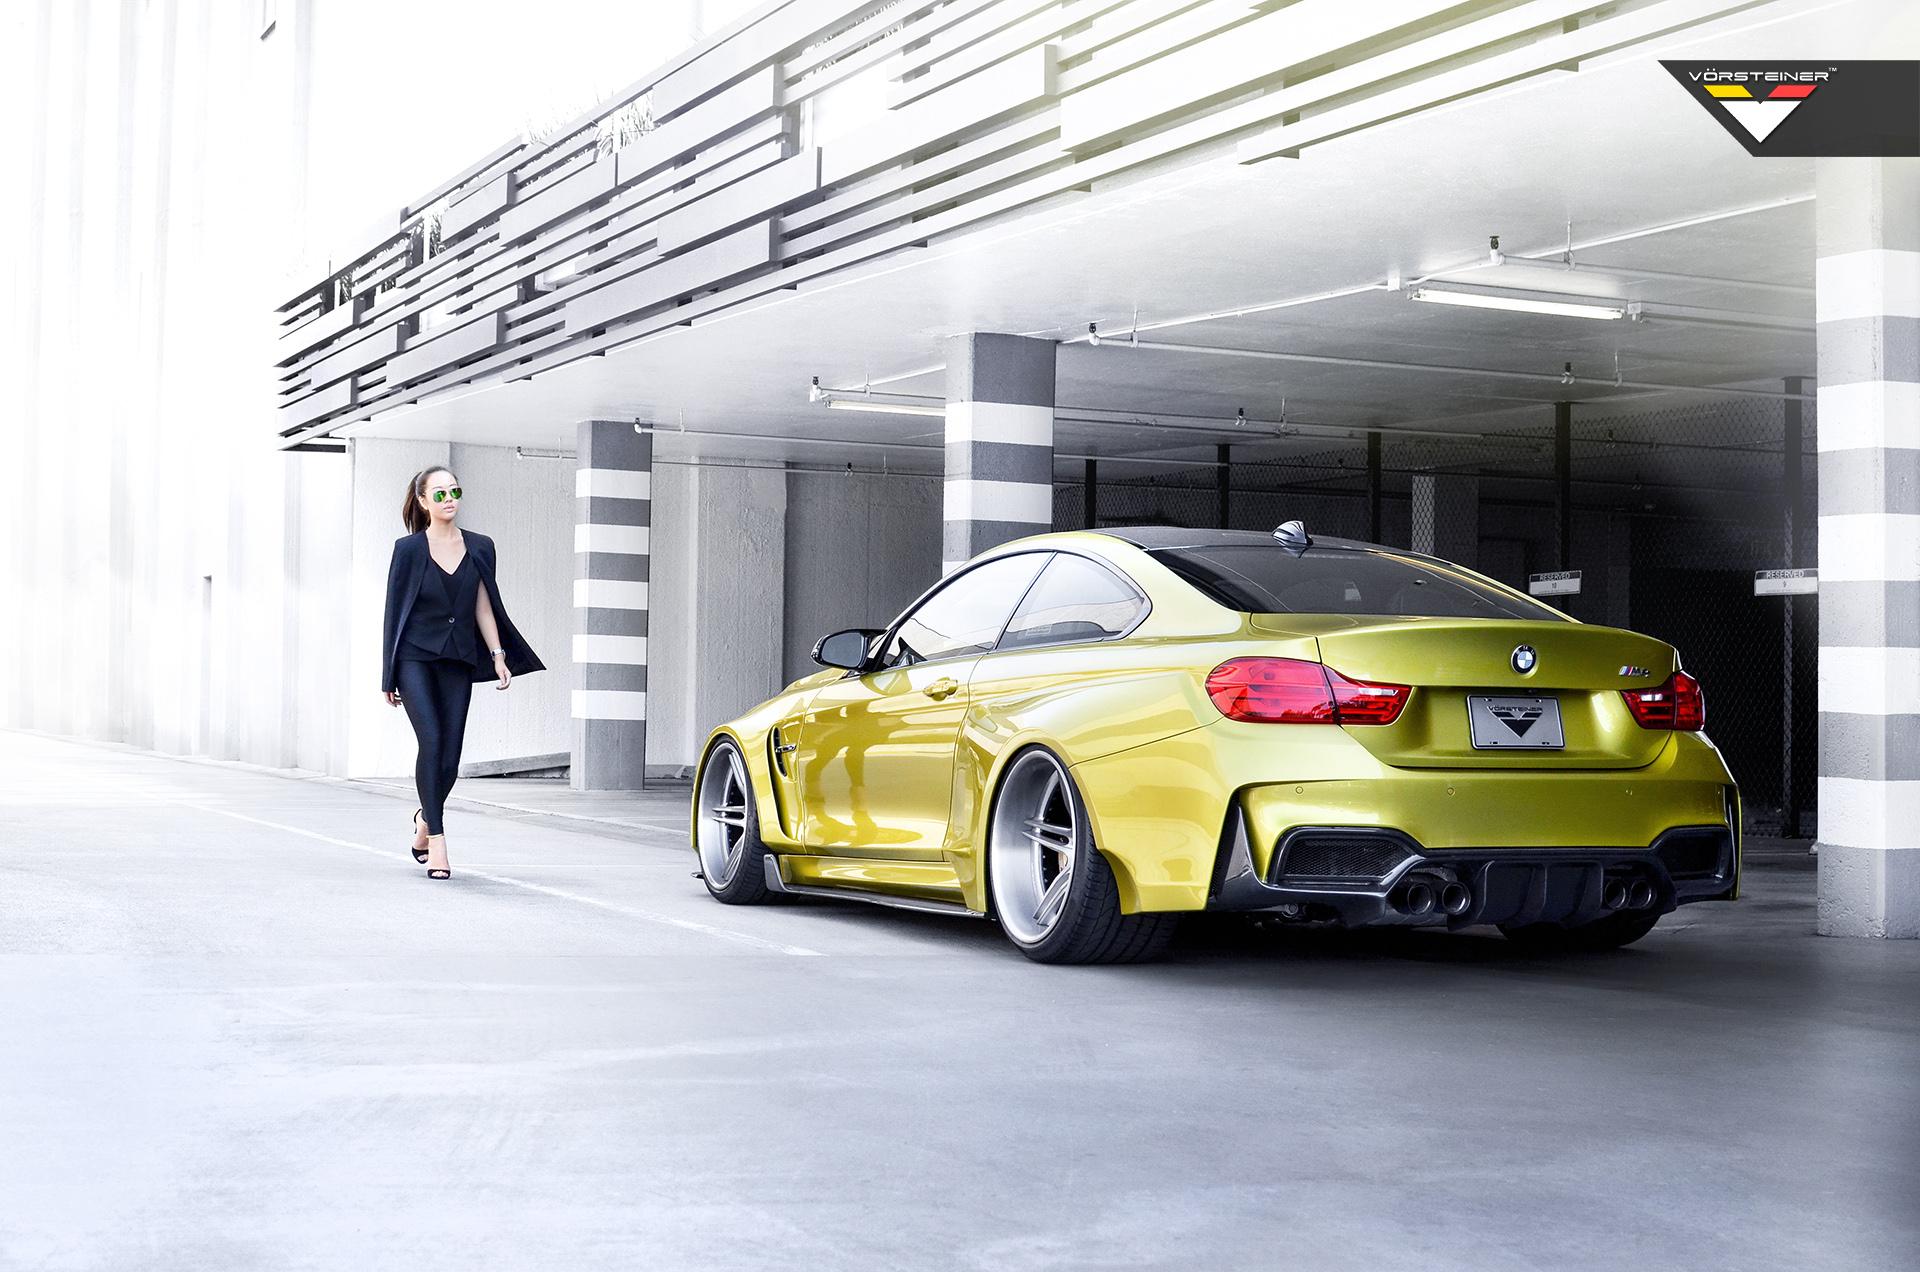 Vorsteiner BMW GTRS4 Widebody 4